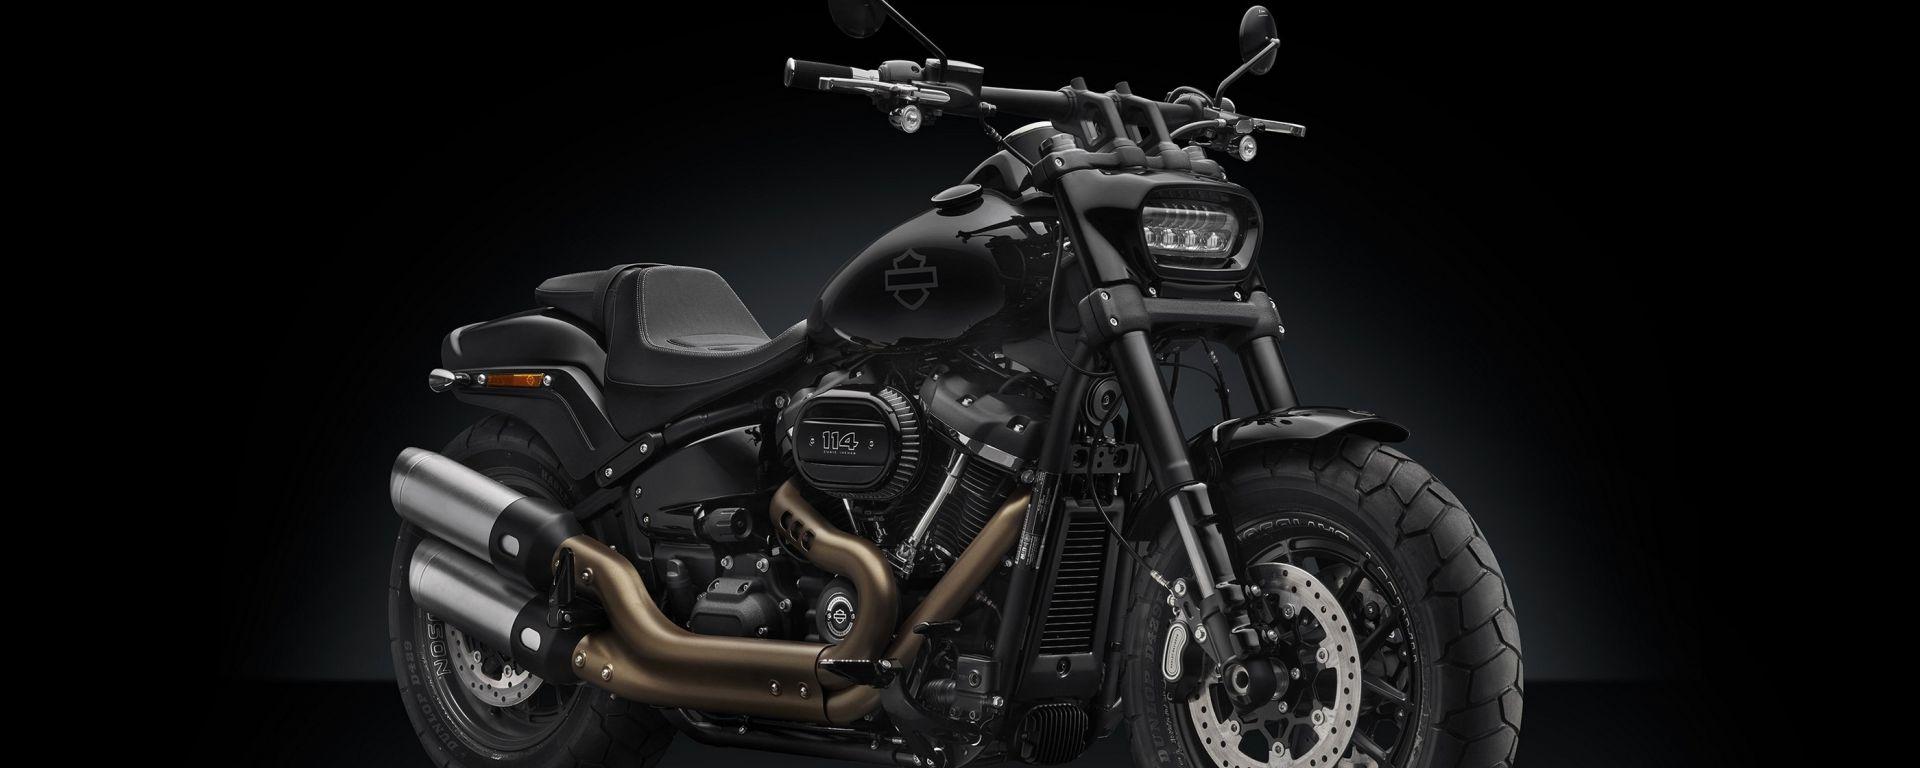 Rizoma: nuovi accessori per la gamma Harley Davidson Softail